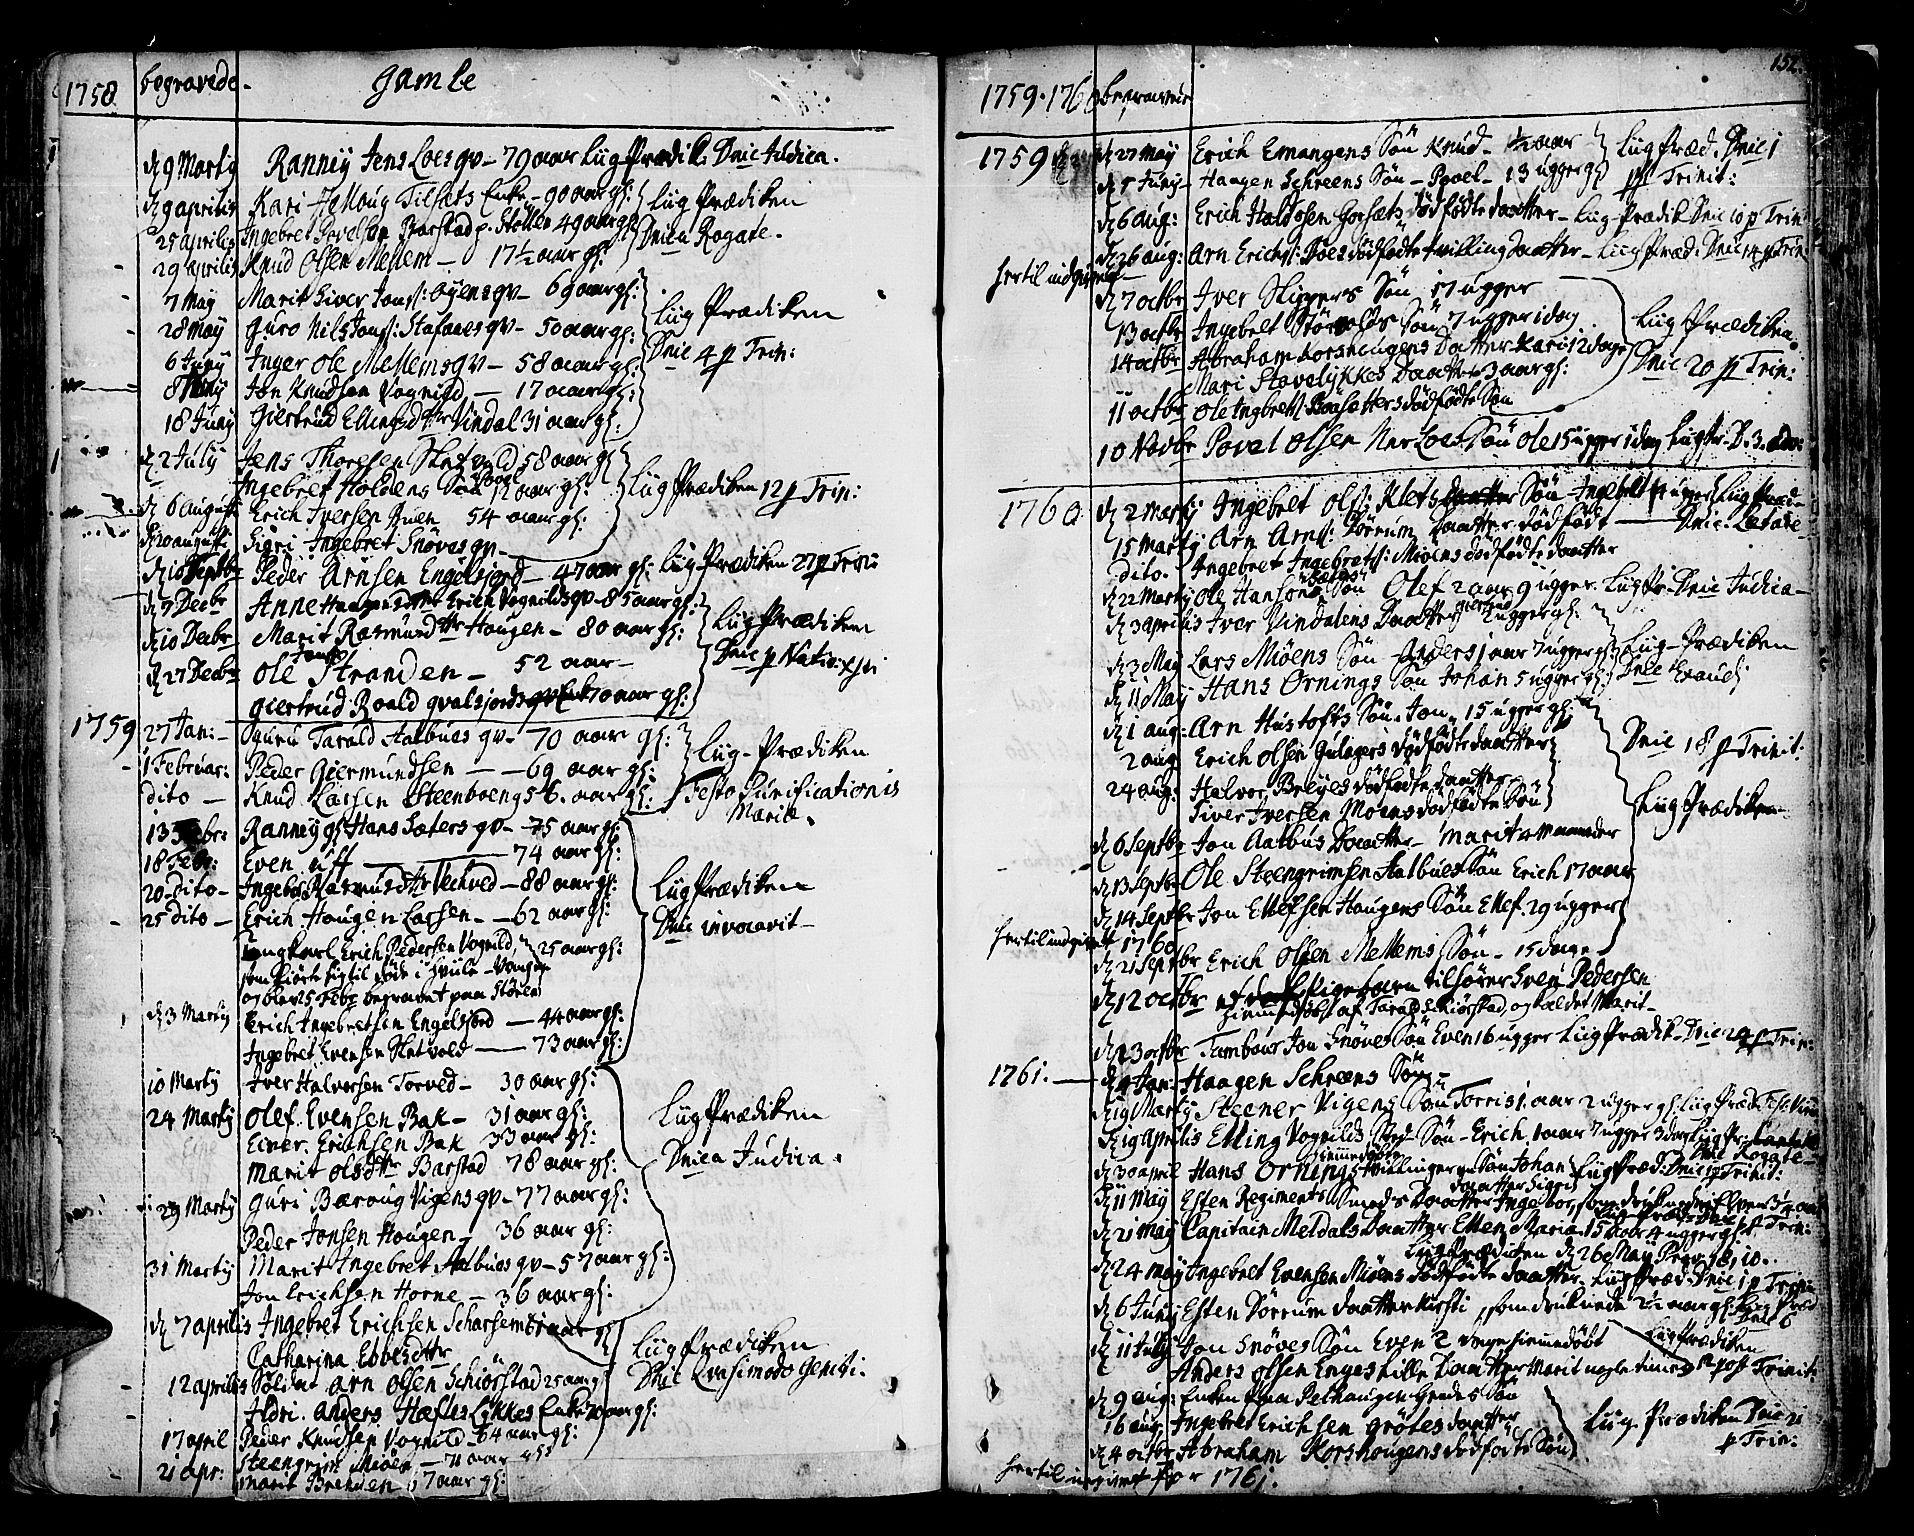 SAT, Ministerialprotokoller, klokkerbøker og fødselsregistre - Sør-Trøndelag, 678/L0891: Ministerialbok nr. 678A01, 1739-1780, s. 152